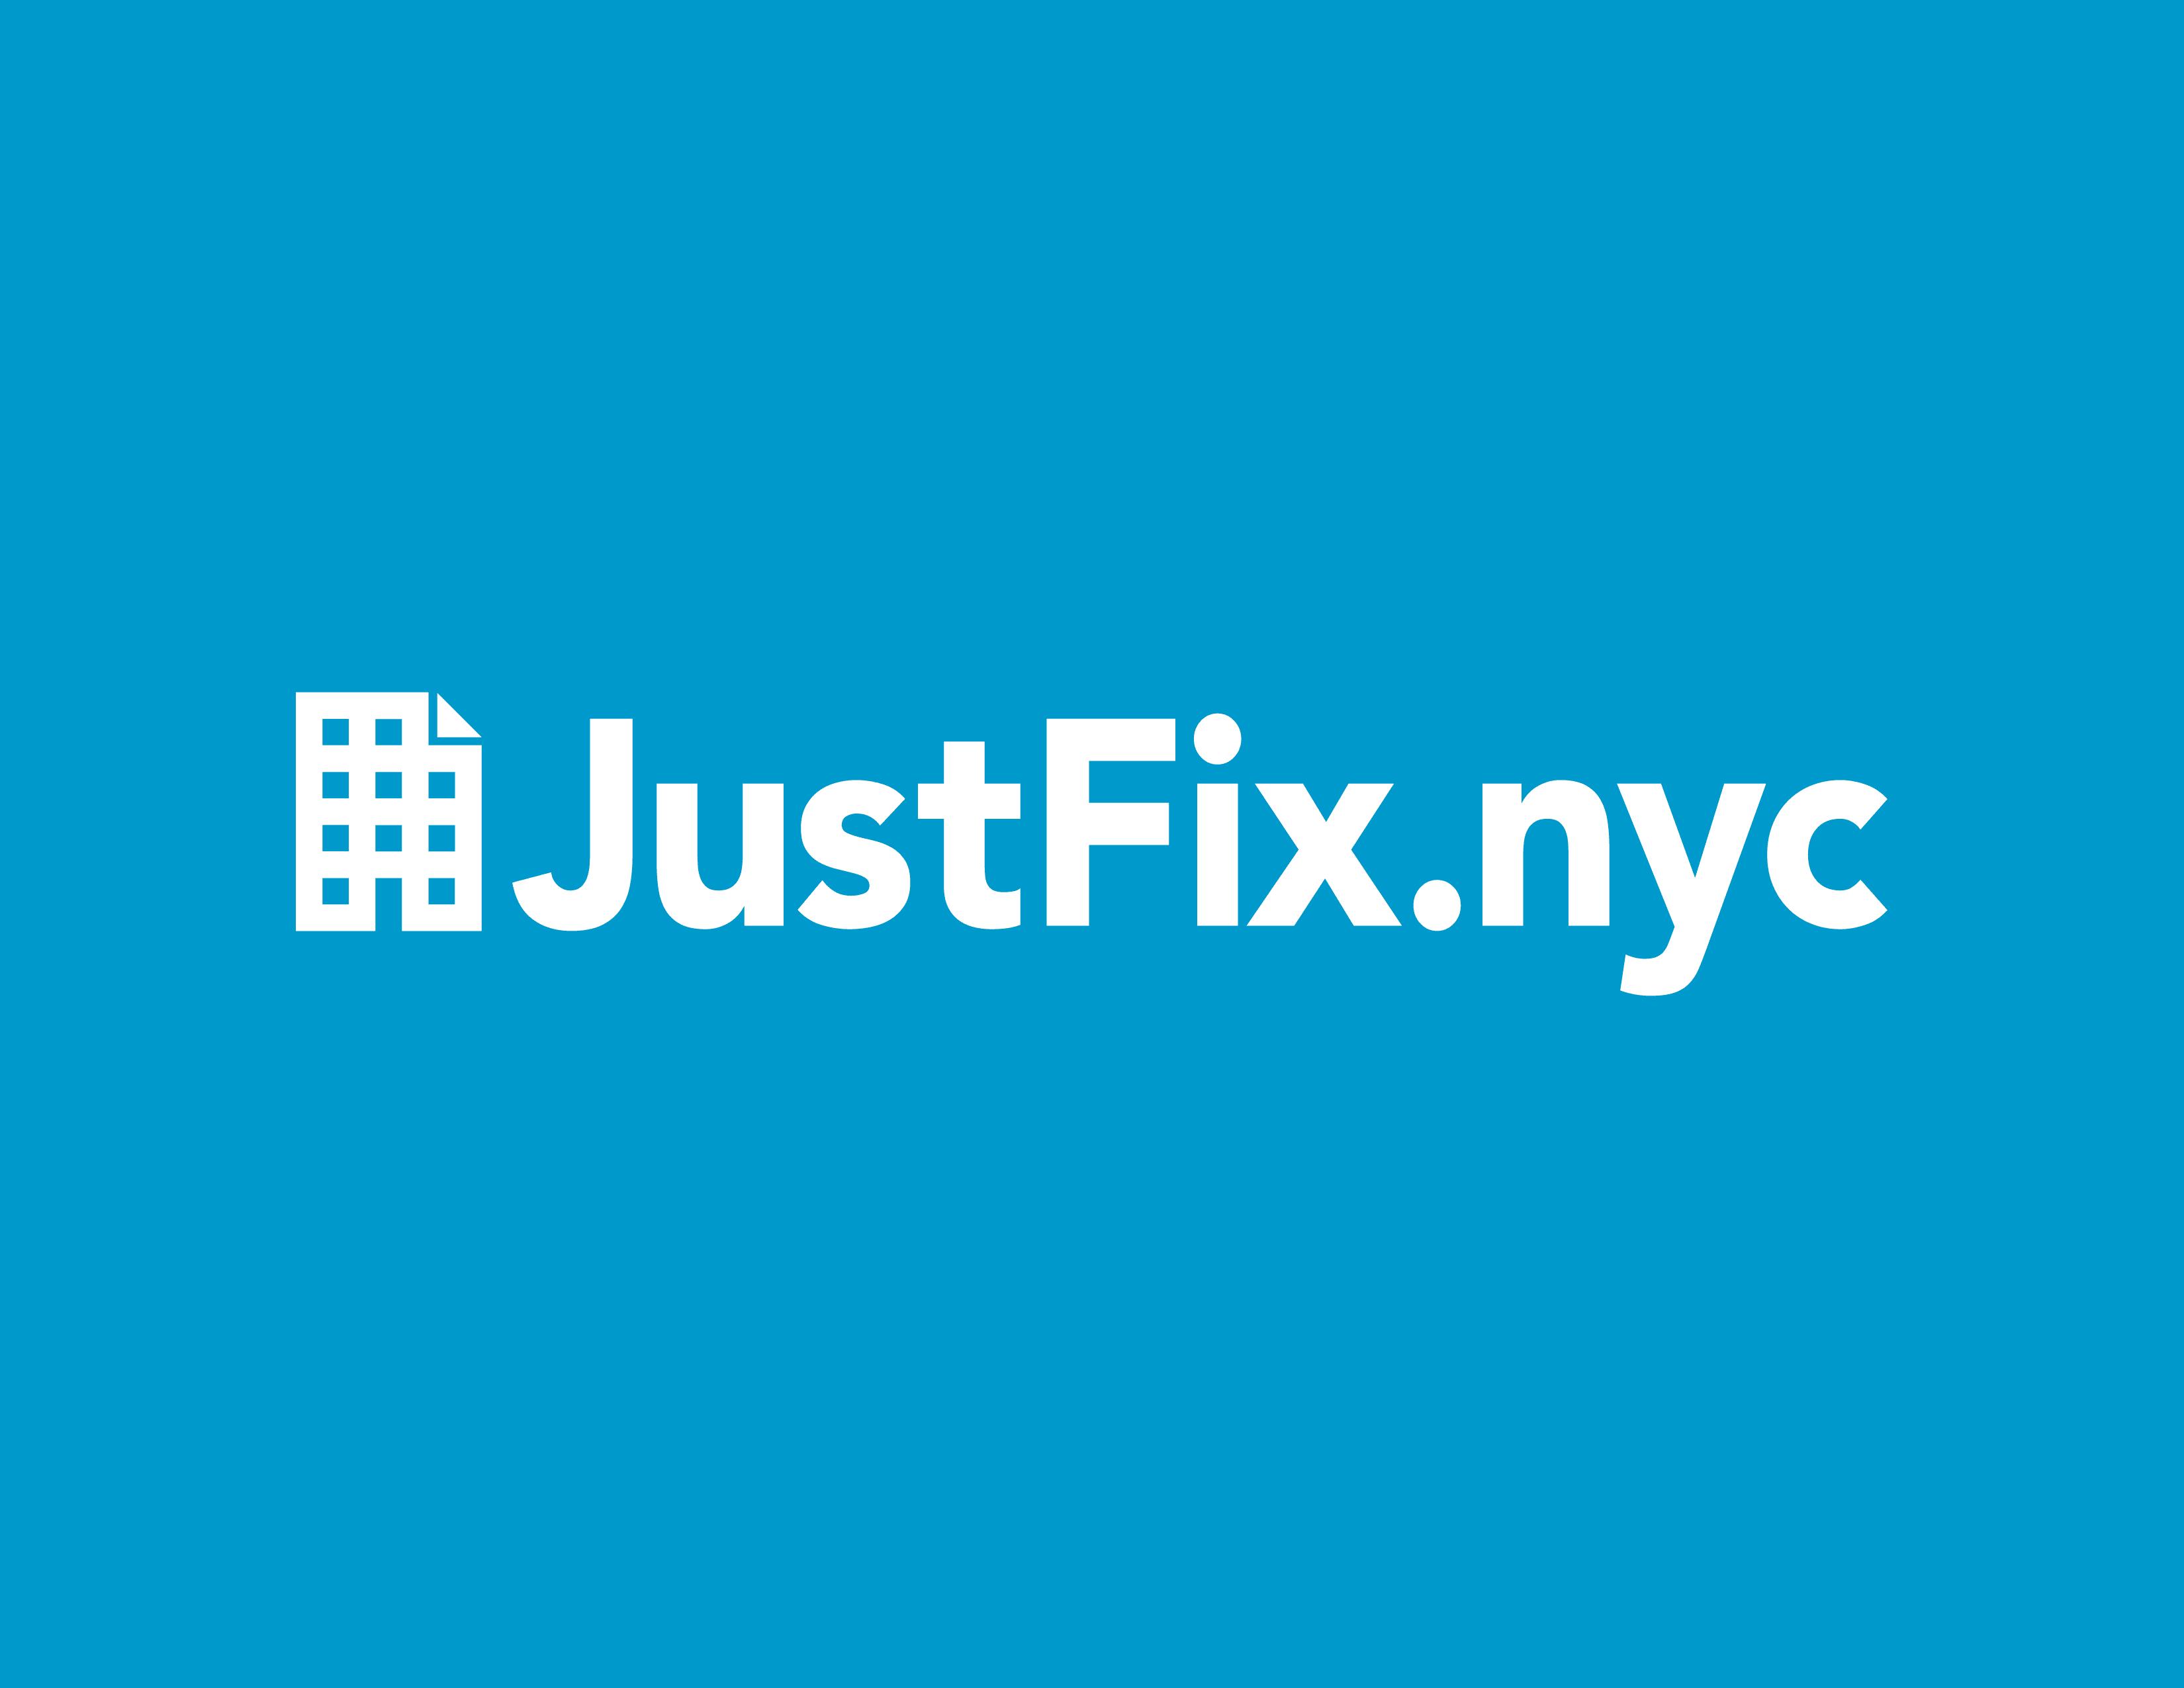 JustFix